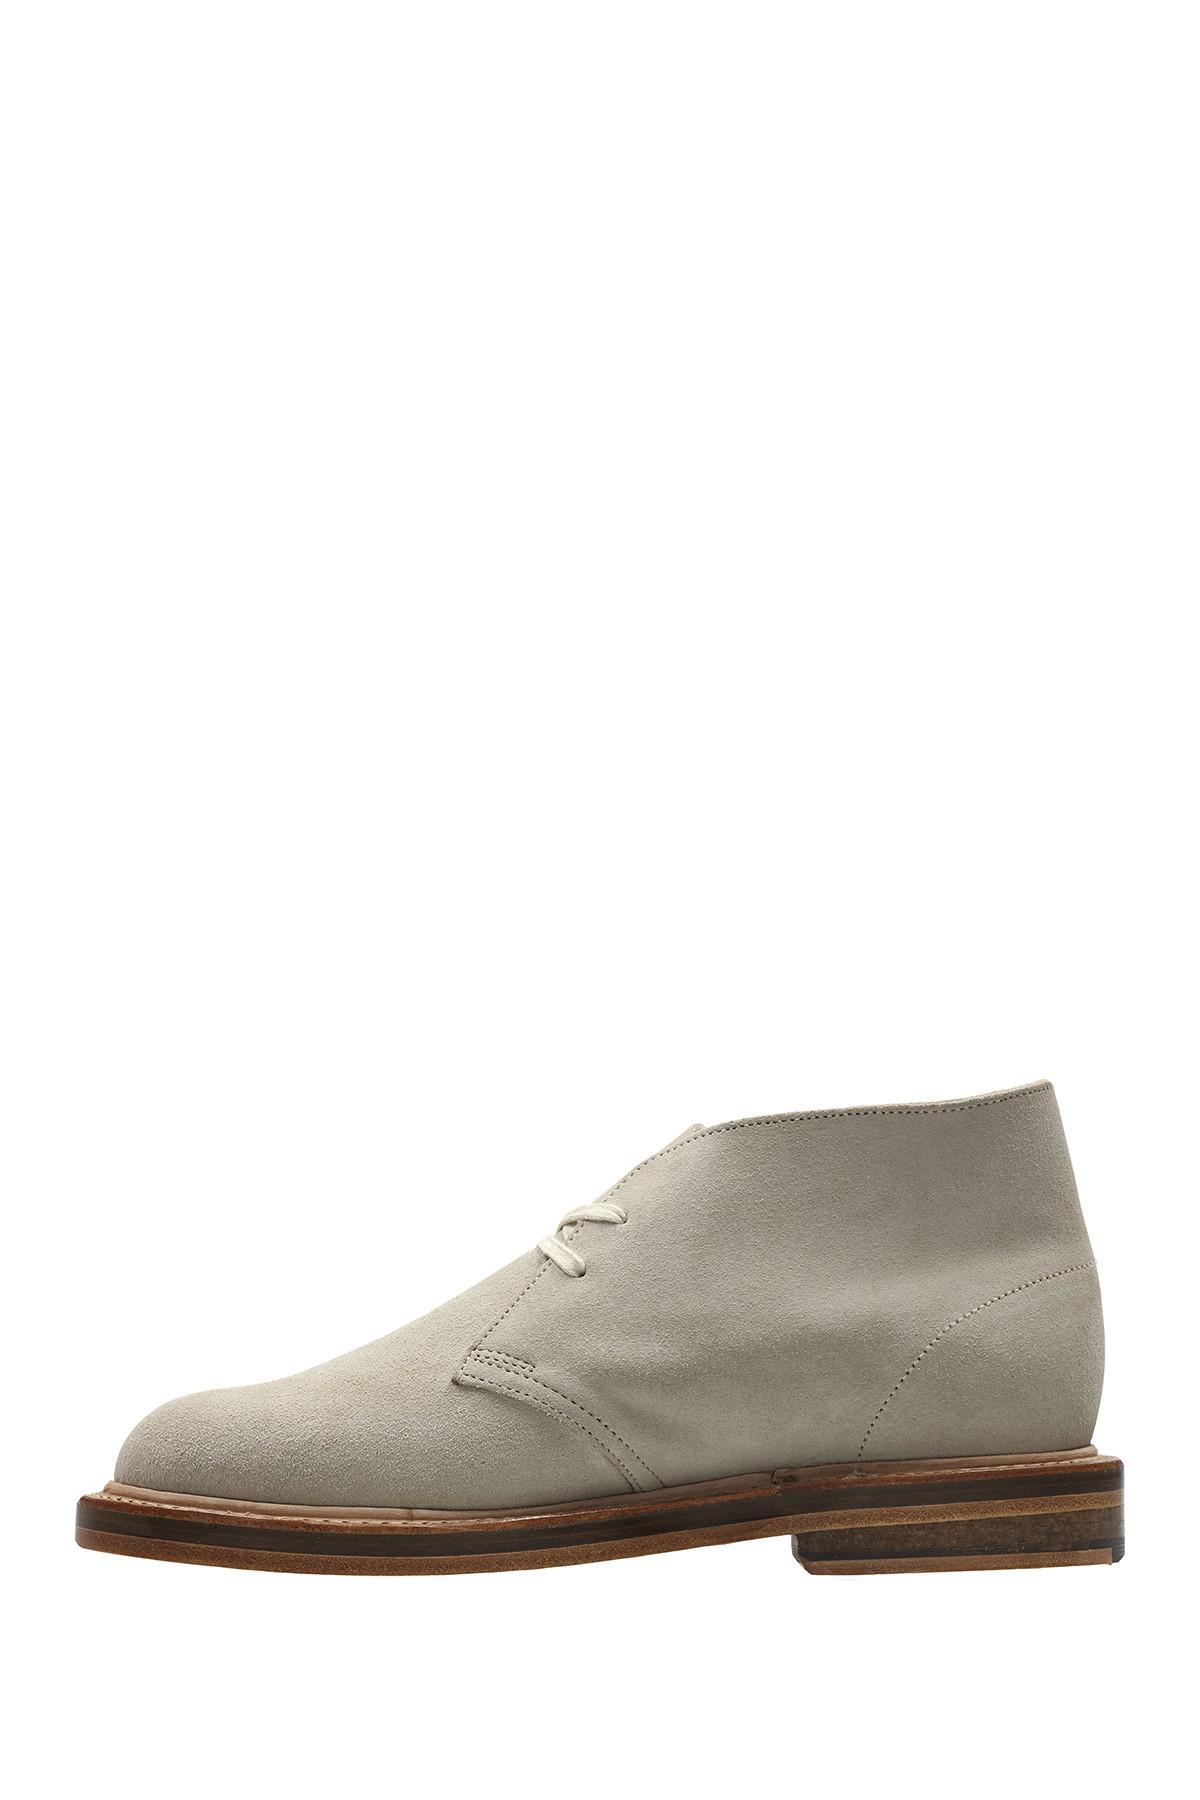 c2c4d69a4d4 Clarks Natural Desert Welt Lace-up Loafer Boot for men